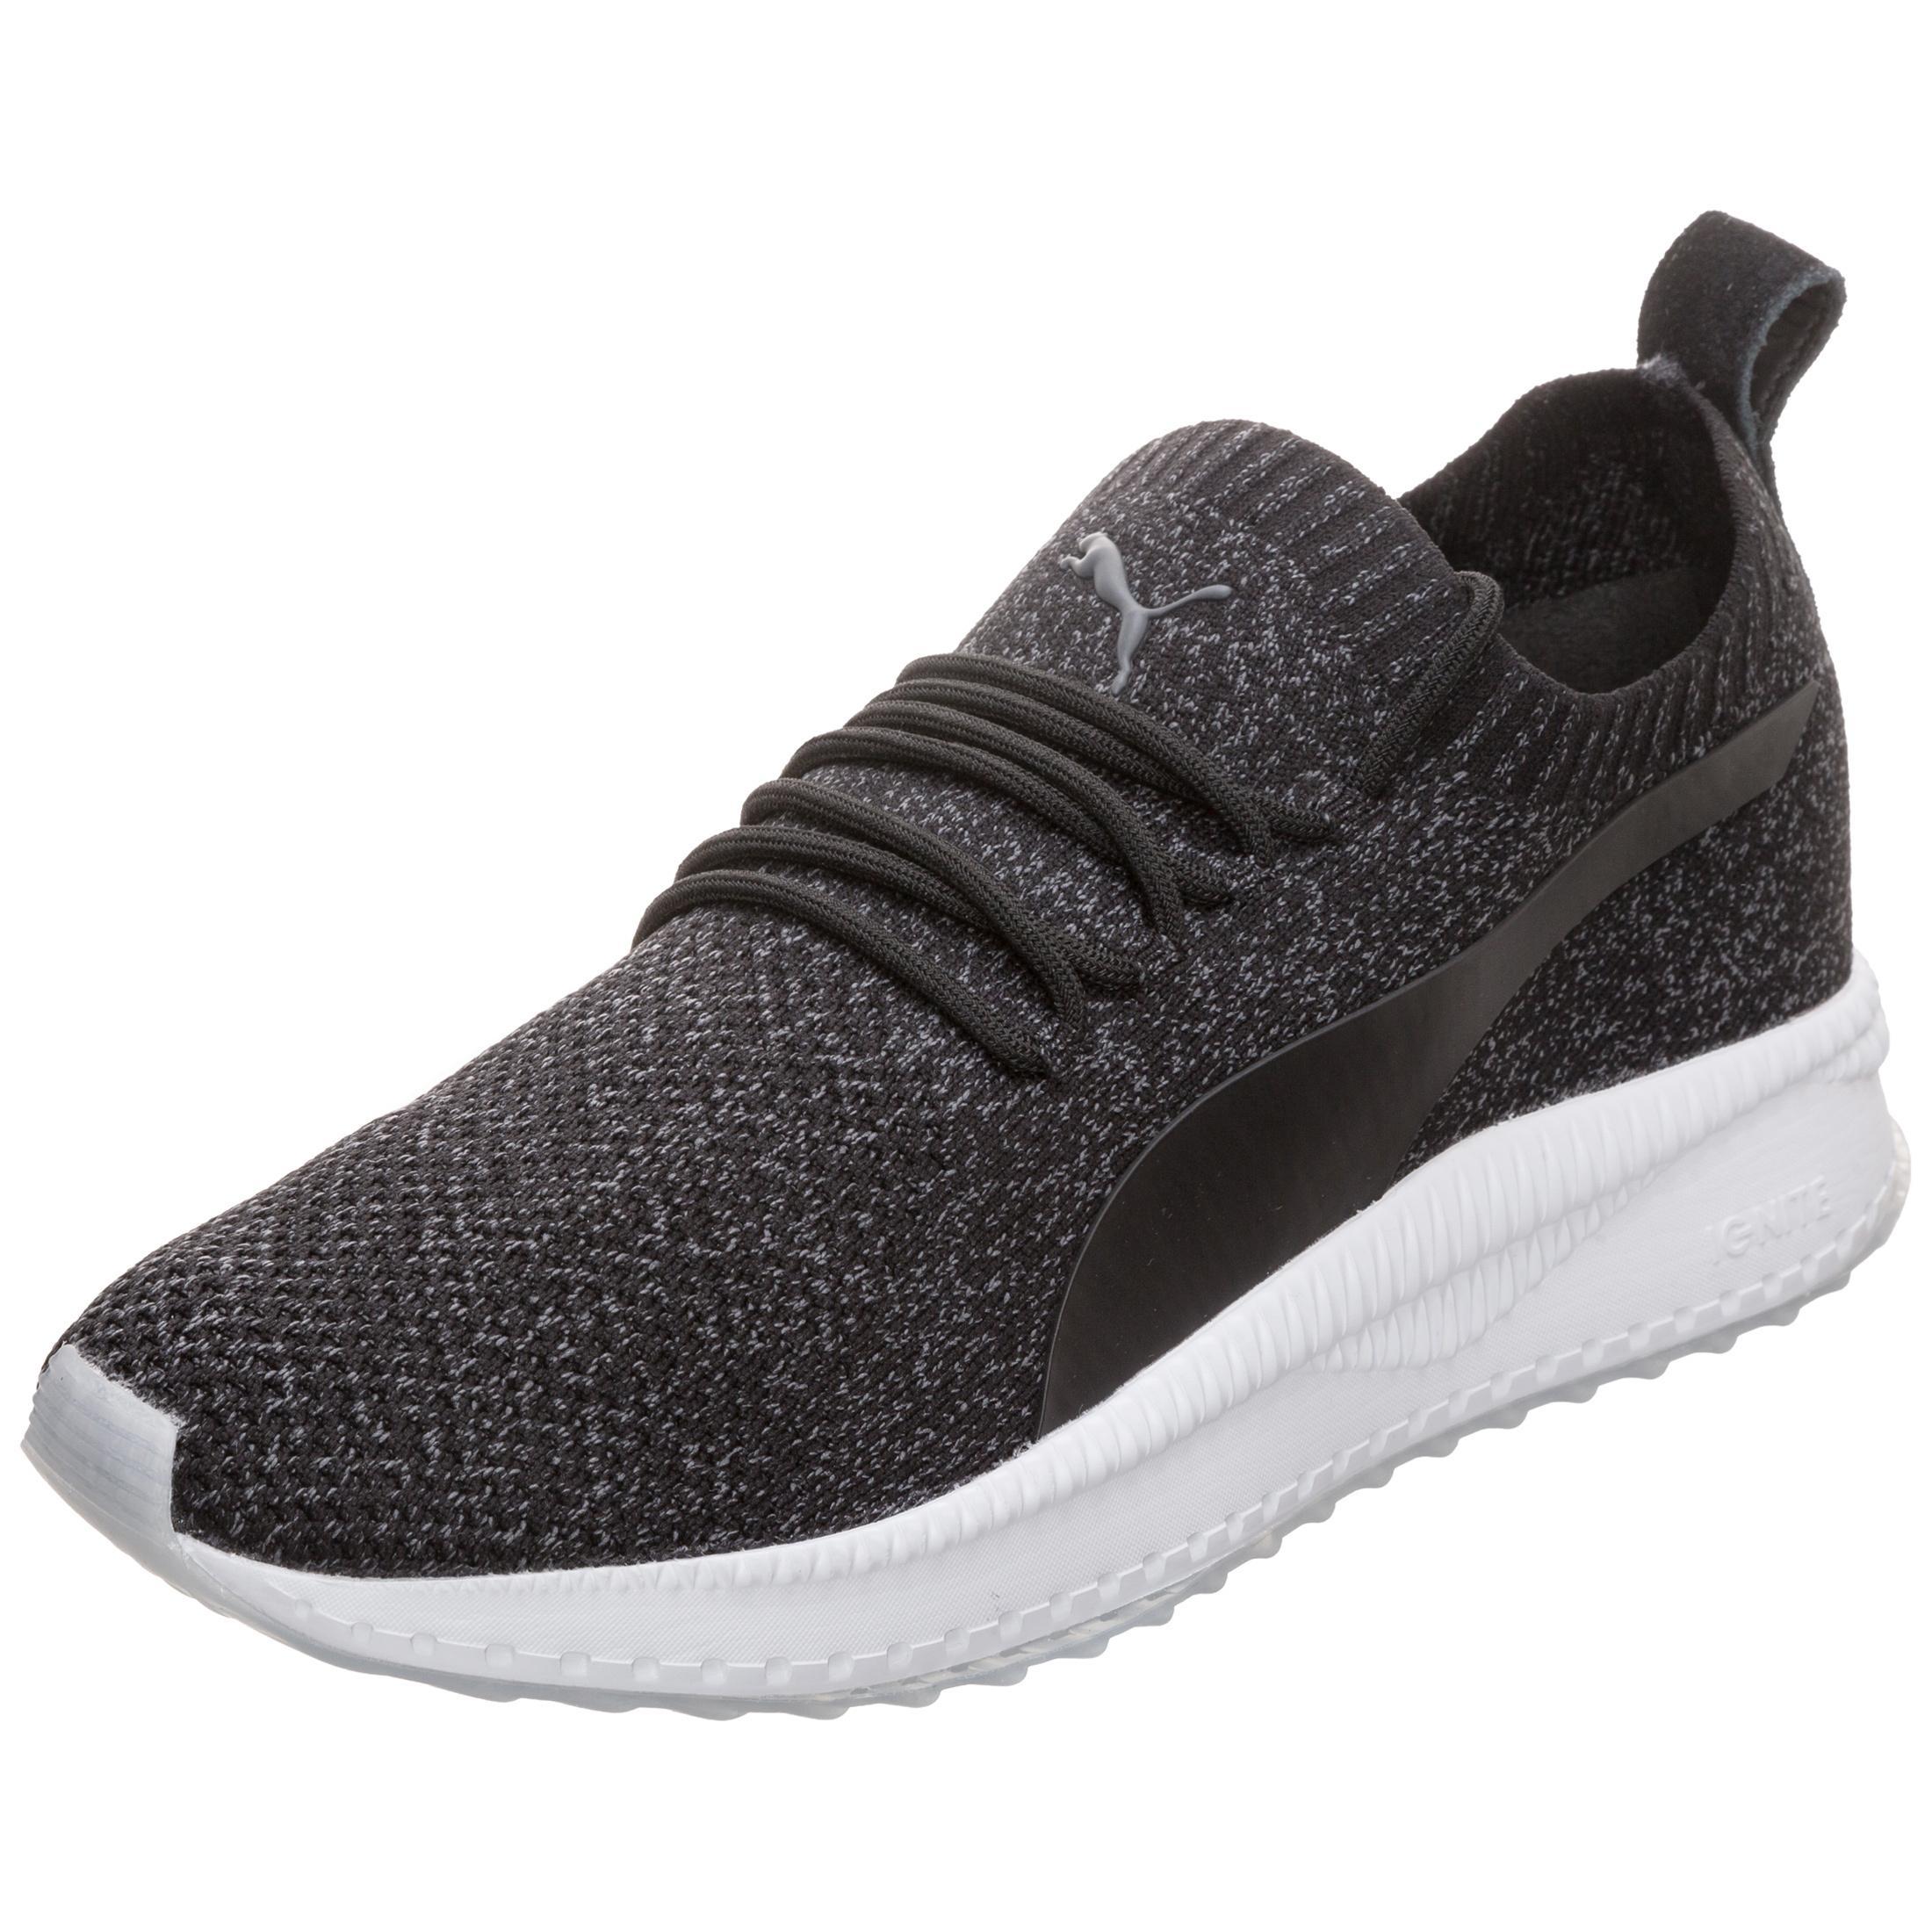 von Shop Online im weiß schwarz Herren Sneaker evoKNIT